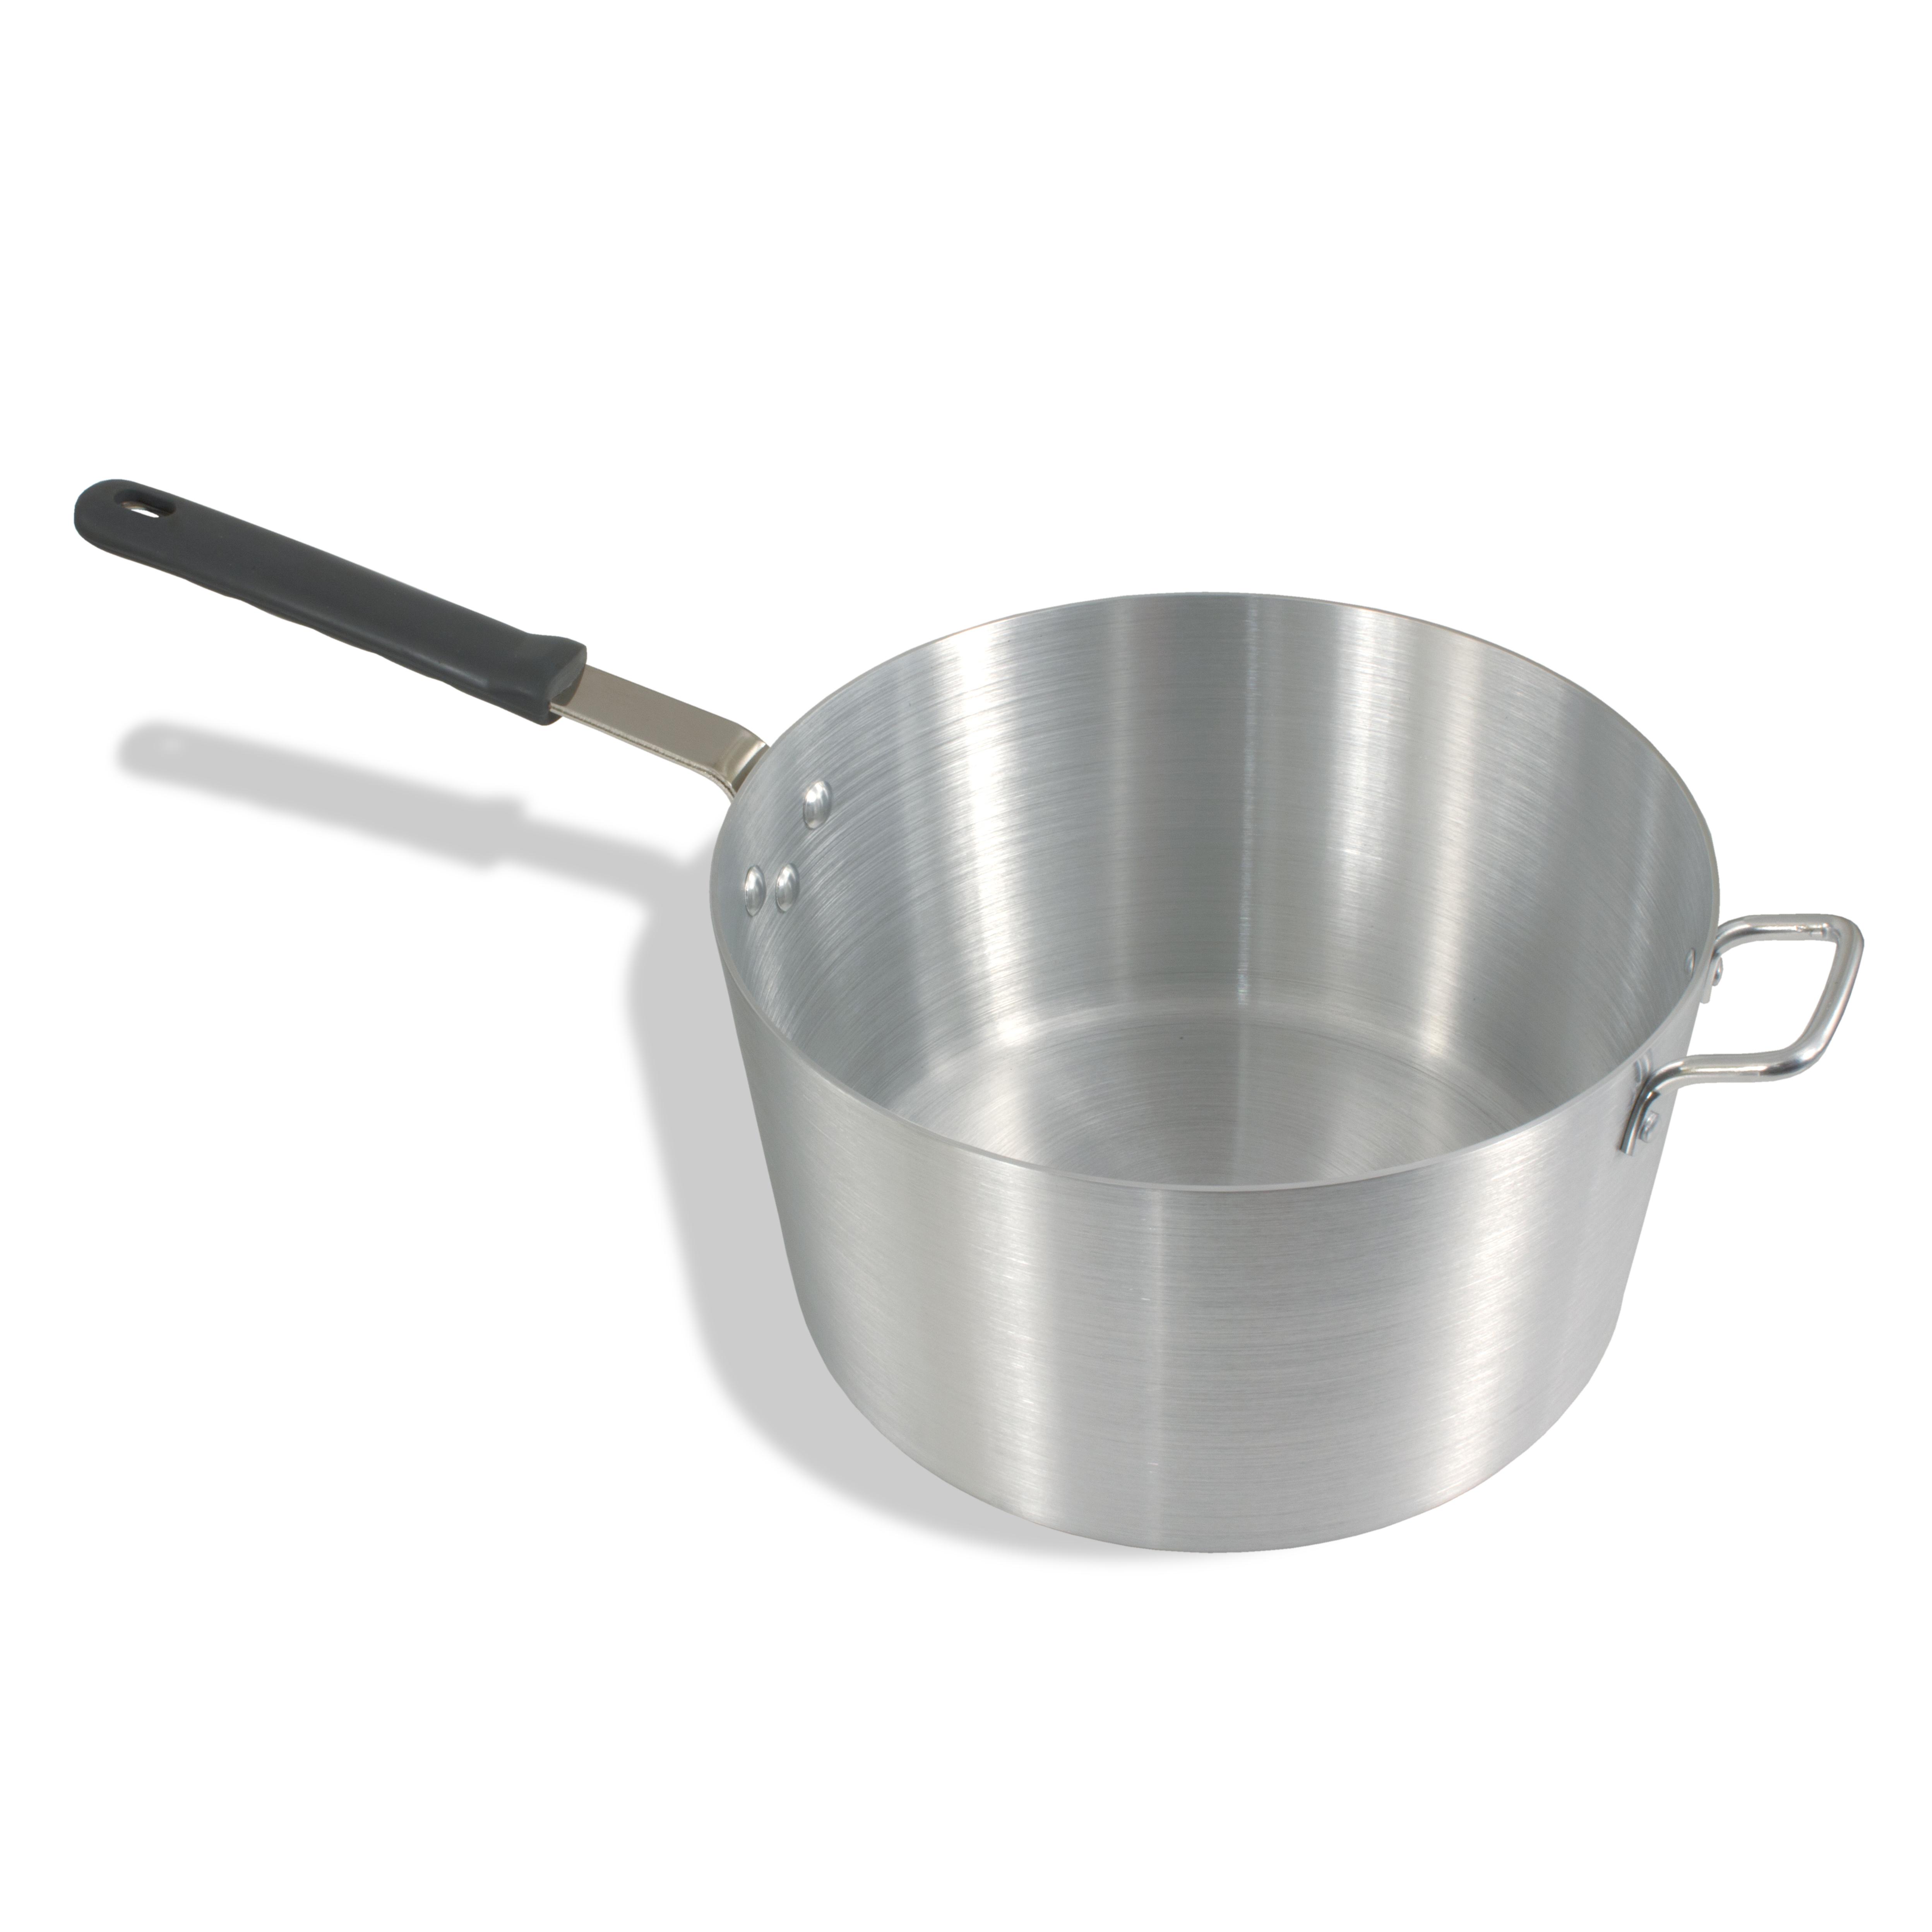 Crestware PAN8H sauce pan